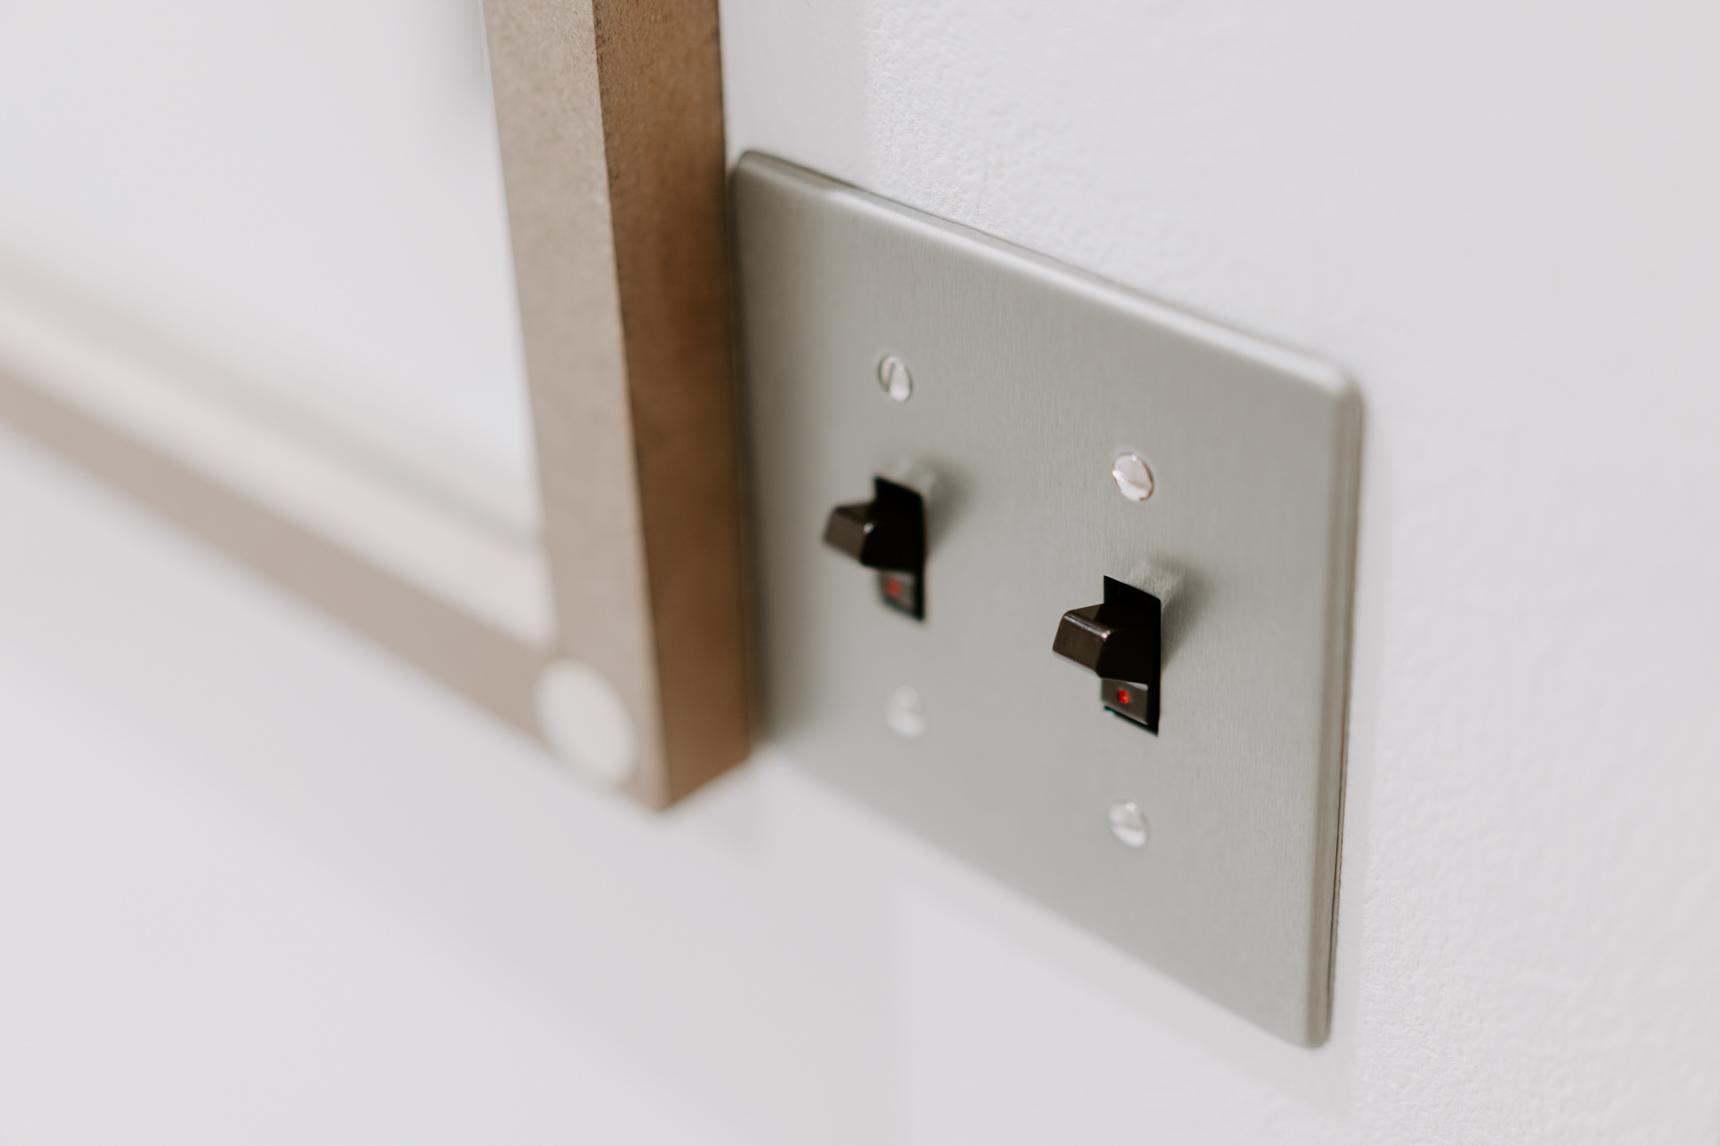 スイッチも、レトロなデザインのものが付いていて可愛い。